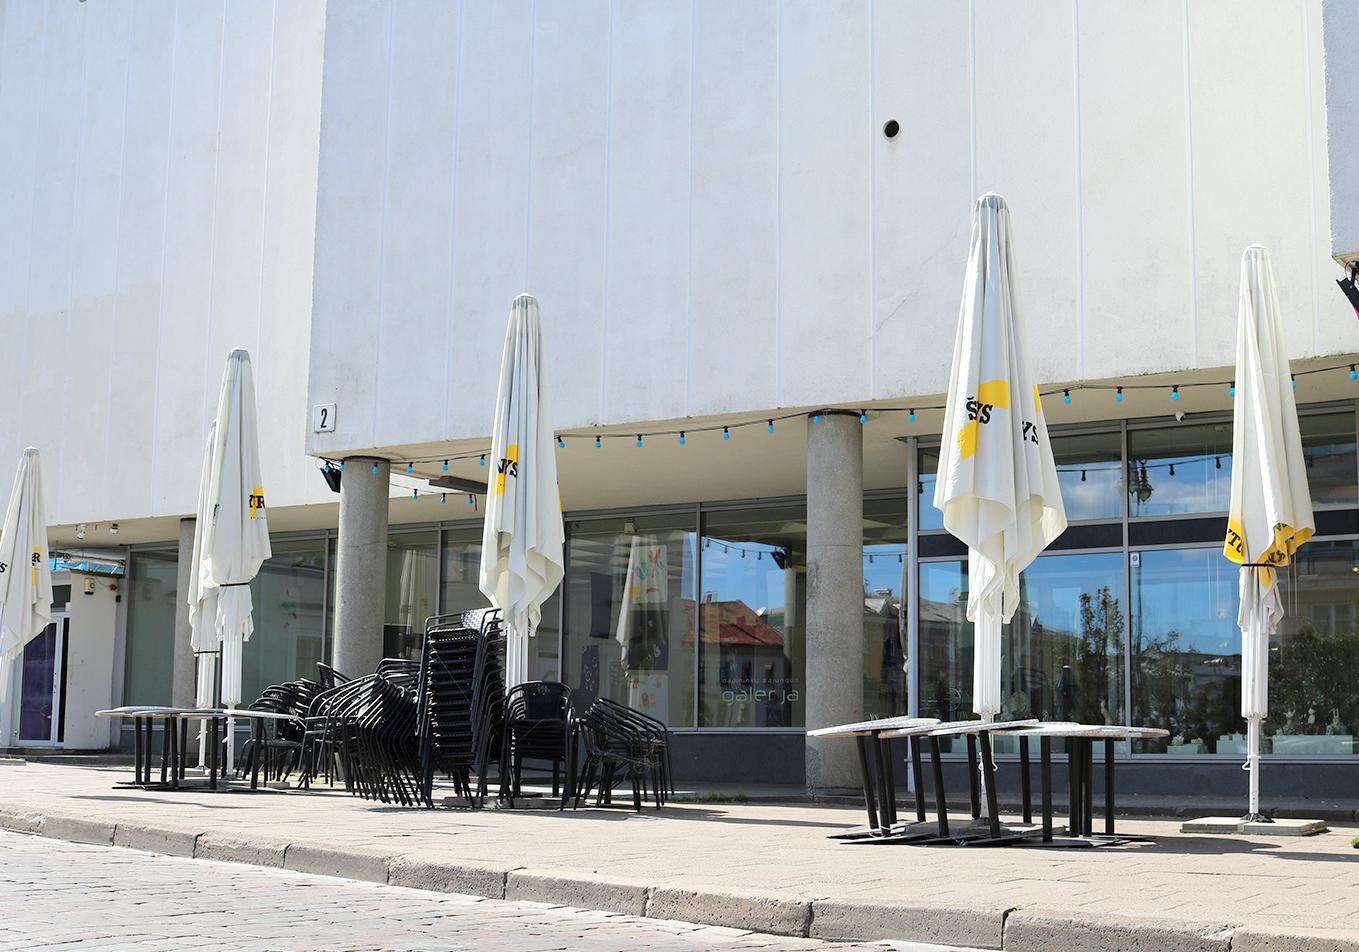 Dabar prieš galeriją stovi skėčiai ir stalai užstodami galeriją   Lietuvos dailininkų sąjungos nuotr.